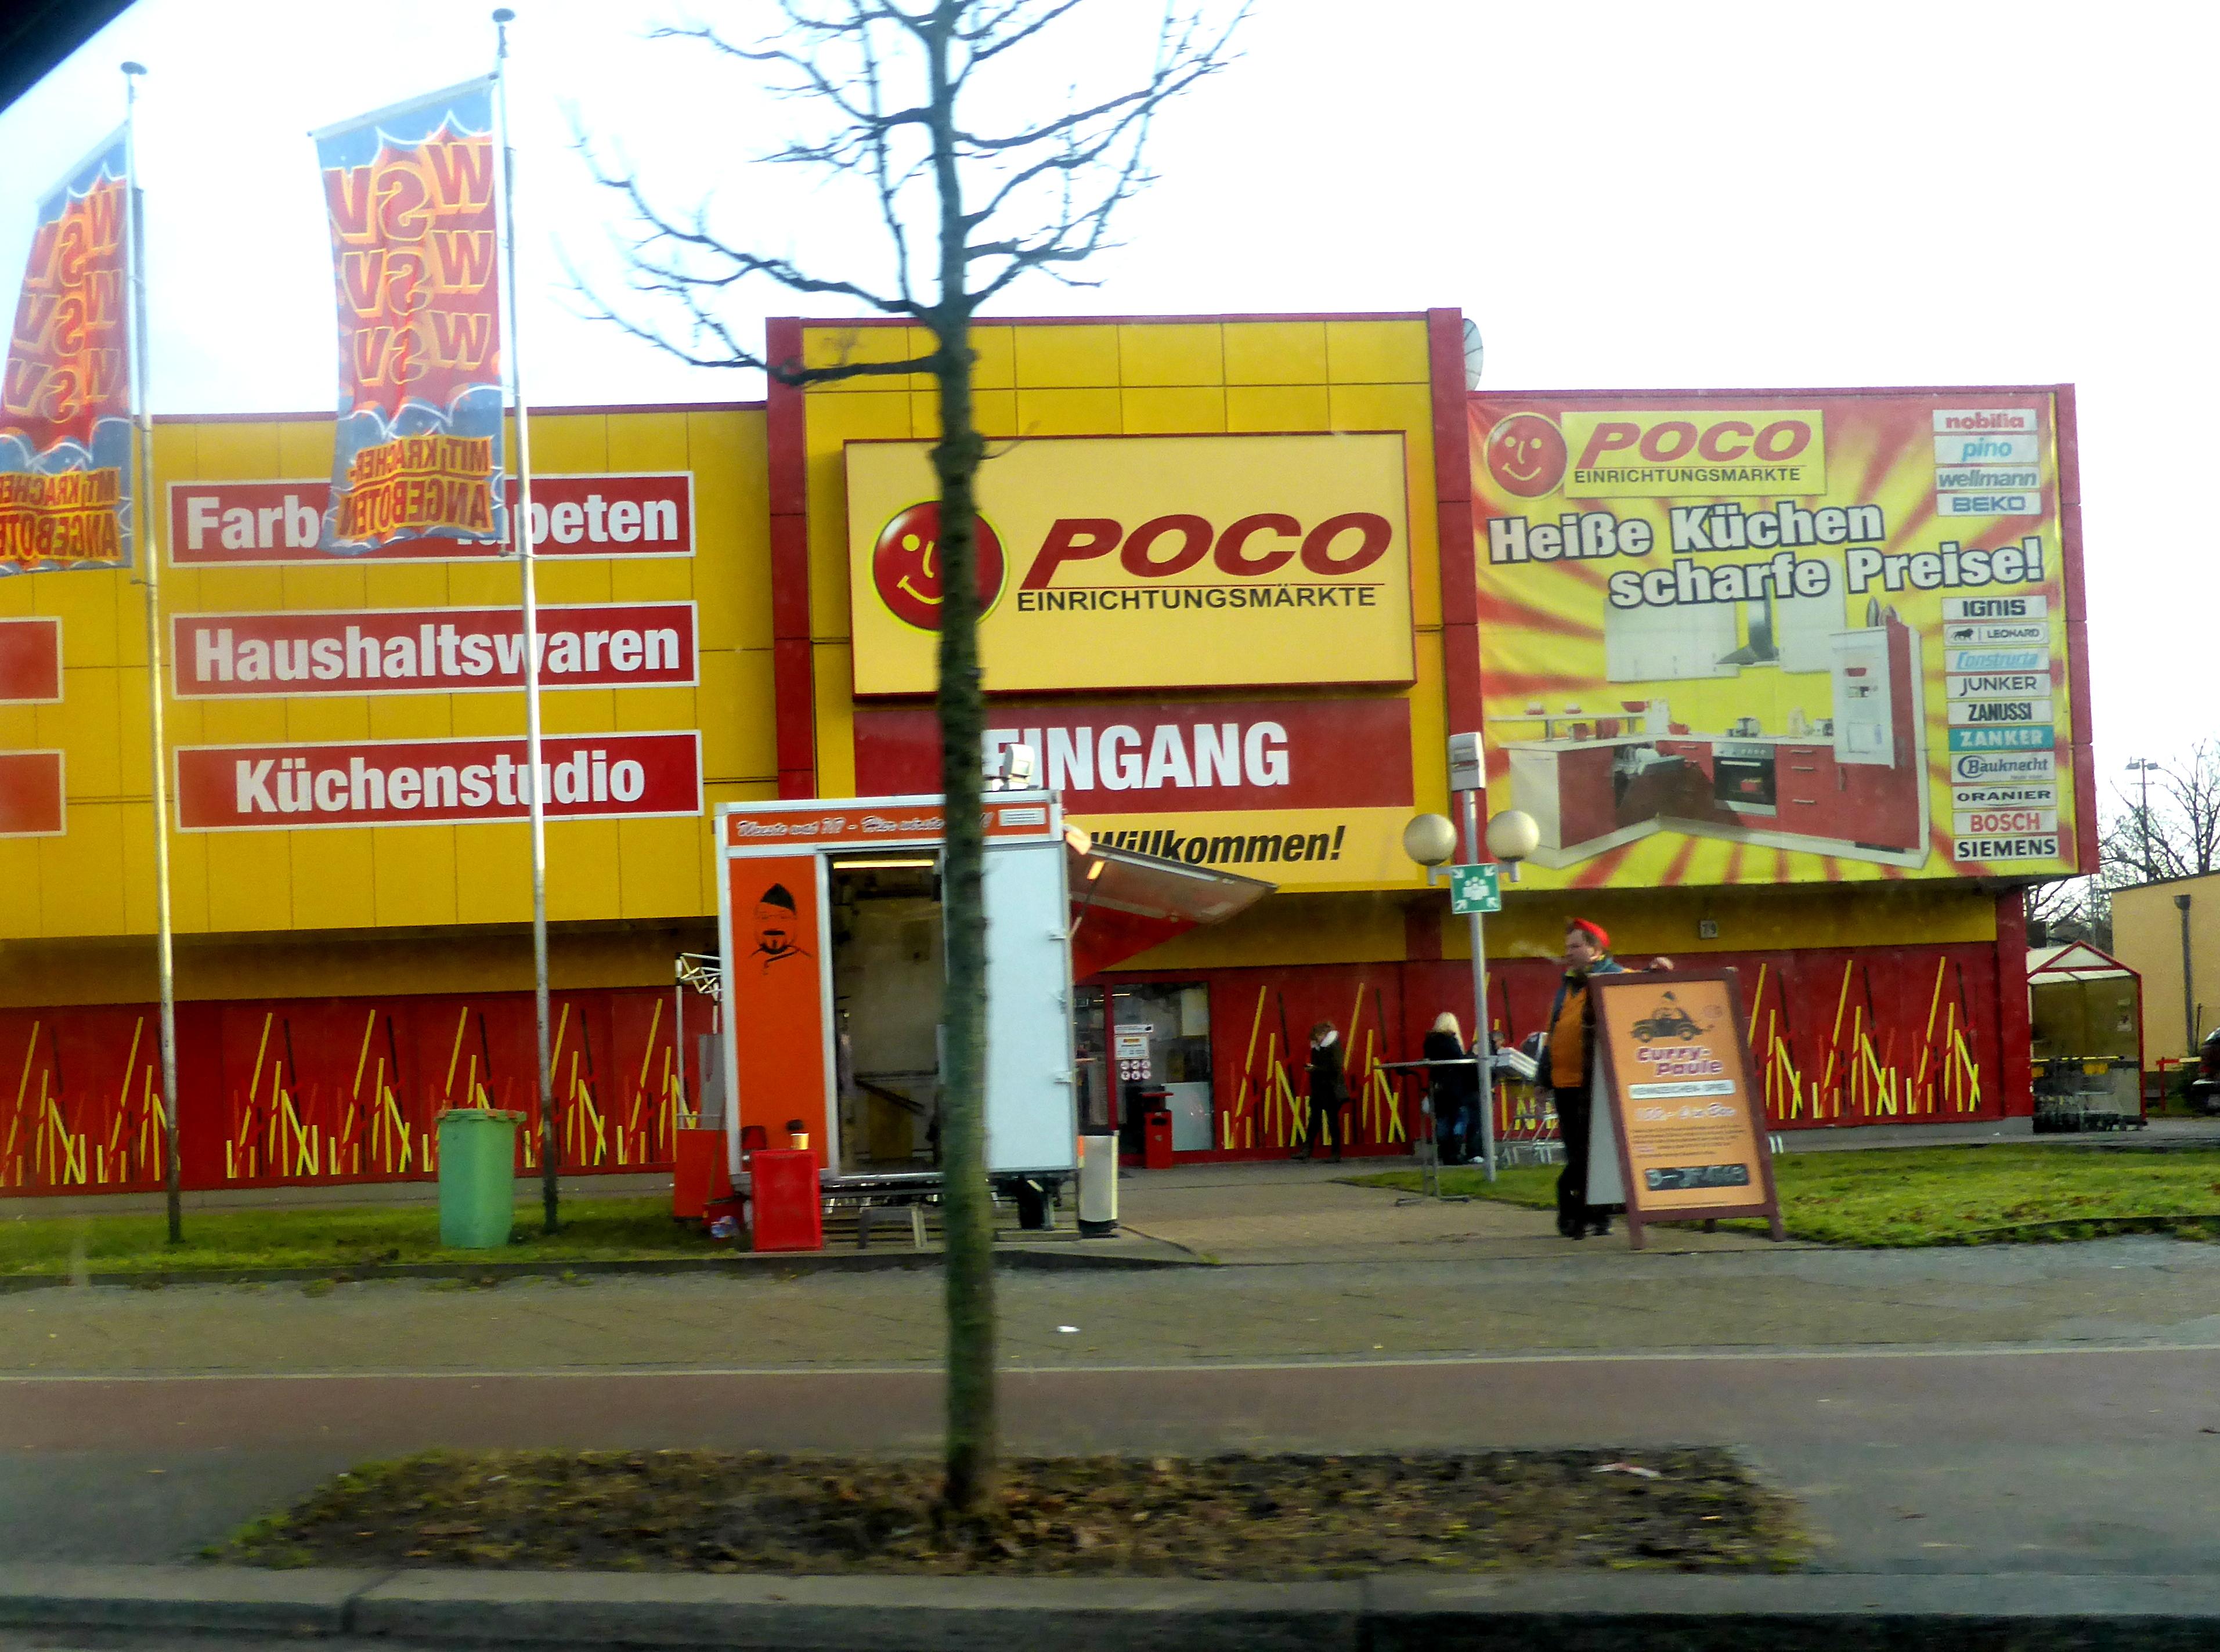 ➤ POCO-Domäne Einrichtungsmärkte GmbH & Co. KG 12349 Berlin ...